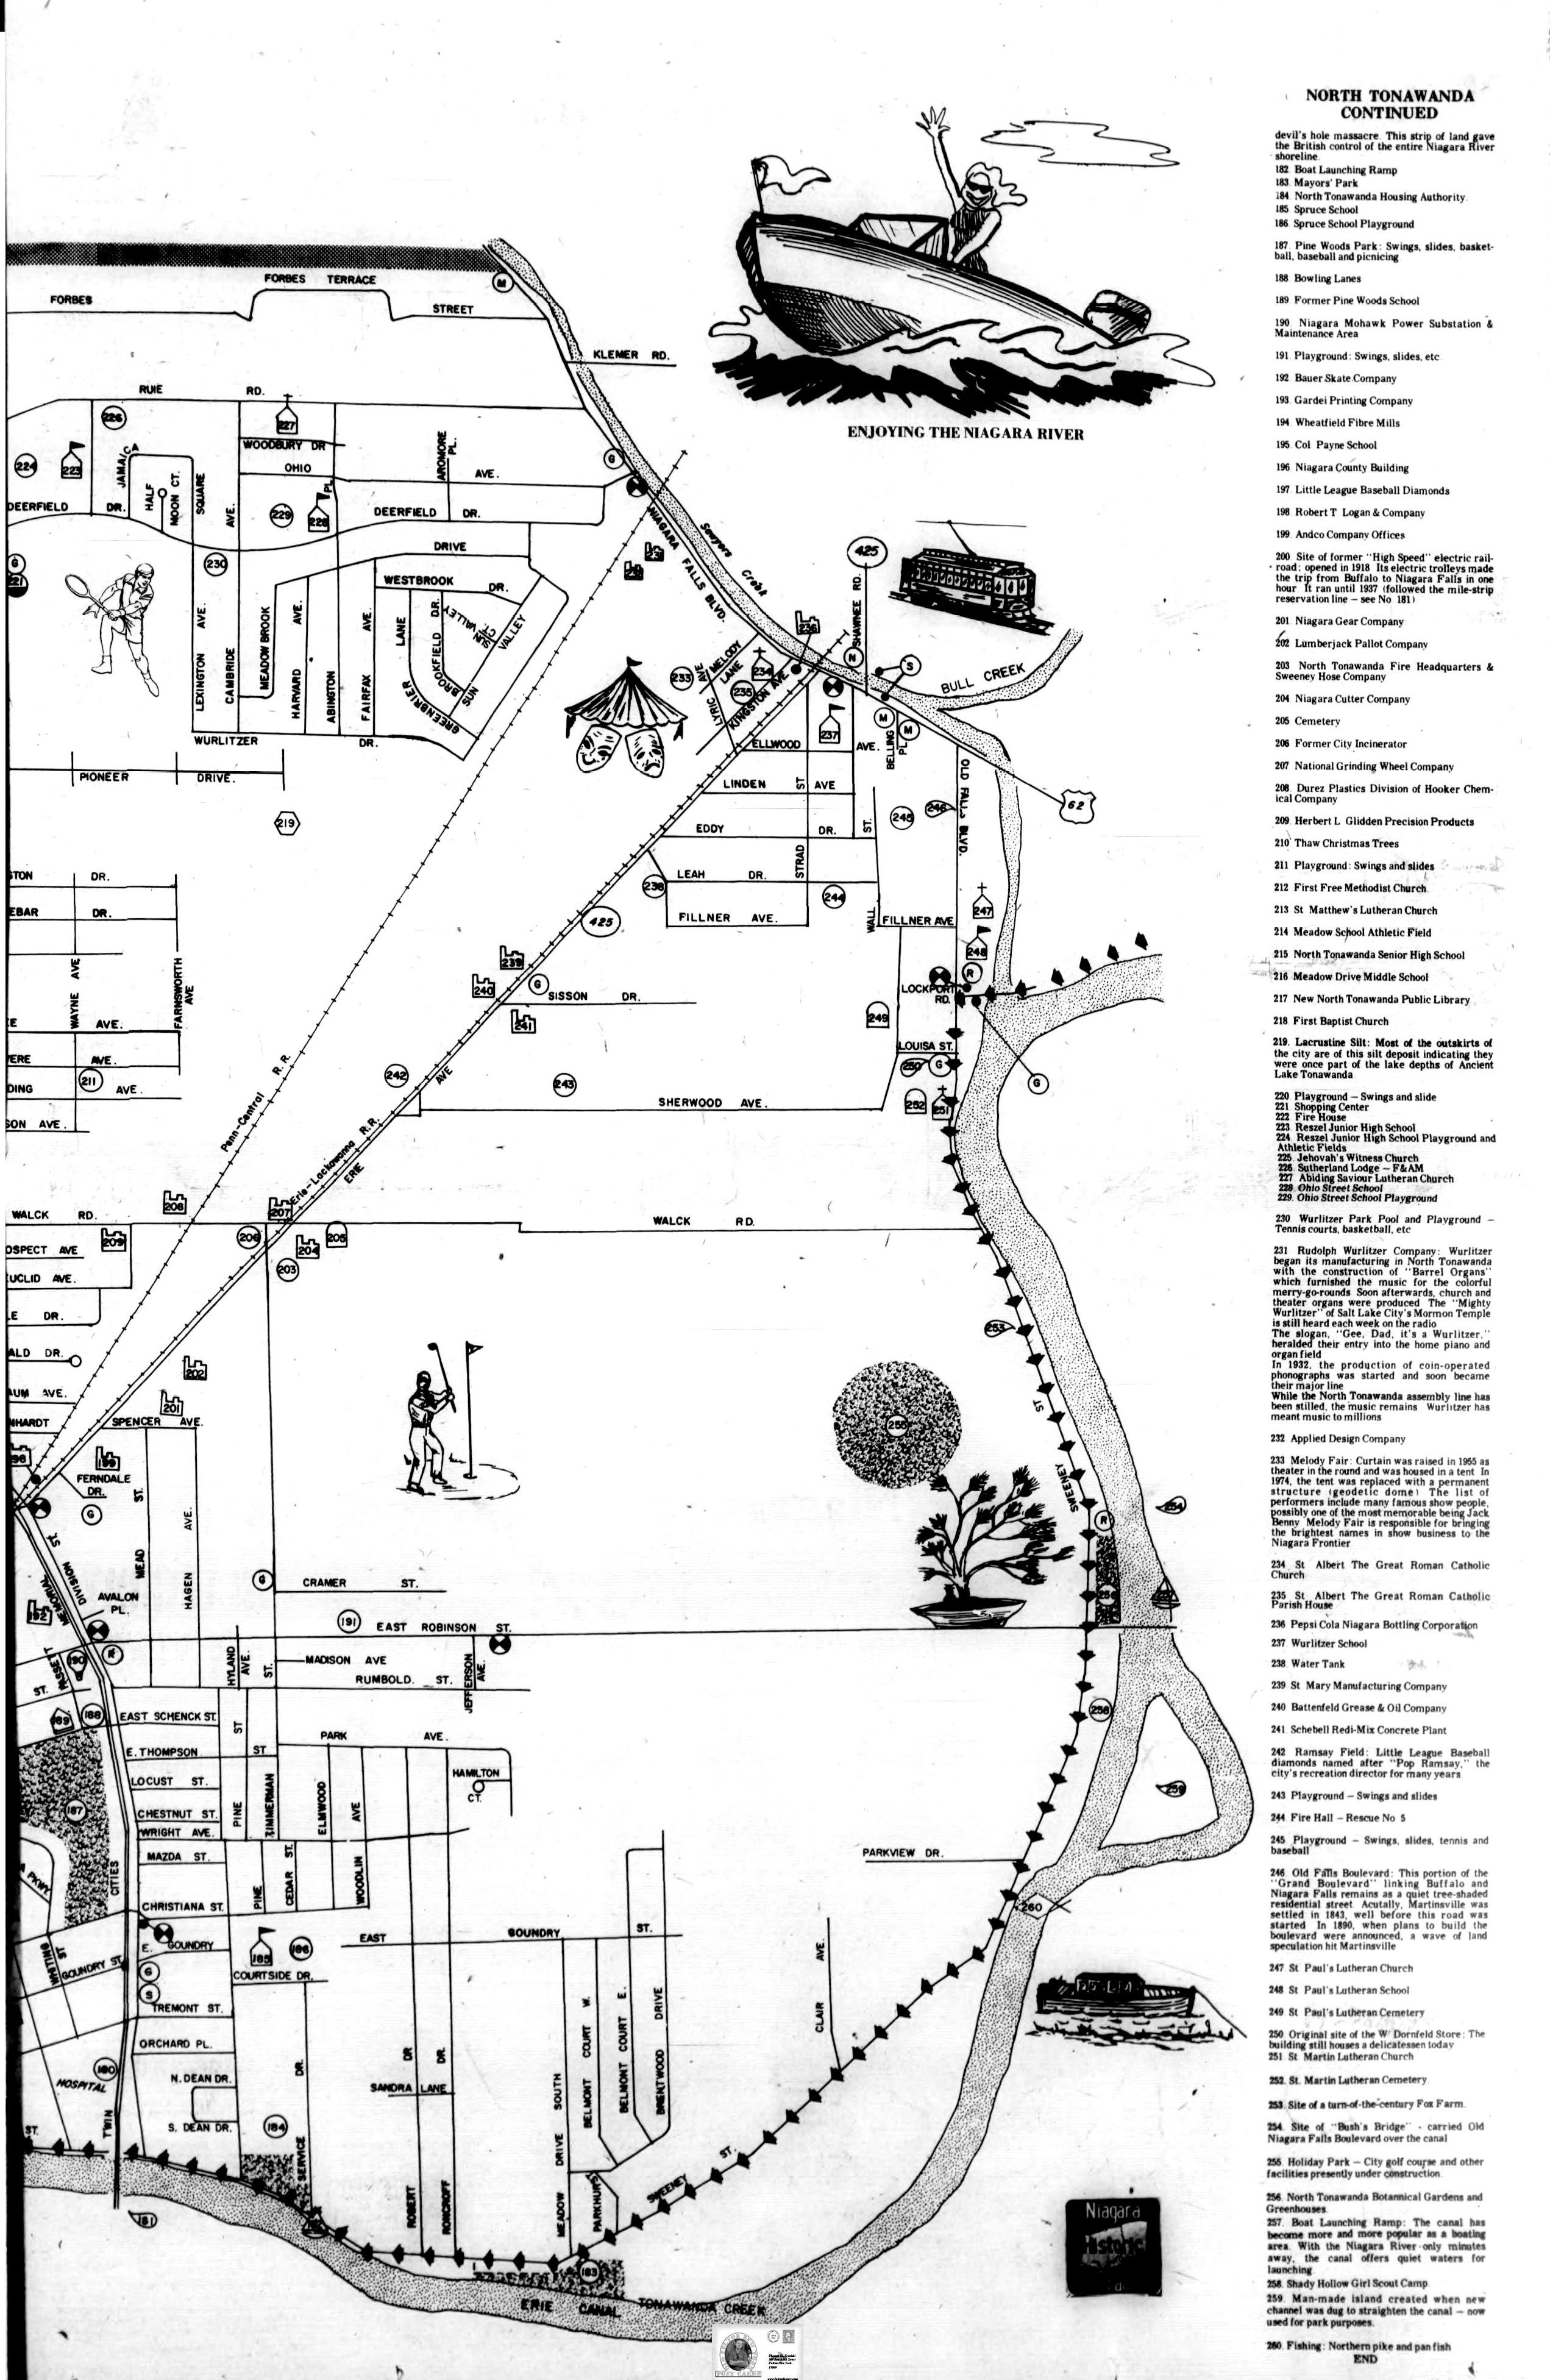 Niagara Trail Bicentennial Publication, map and histories 2 (Ton News 1975-08-23).jpg